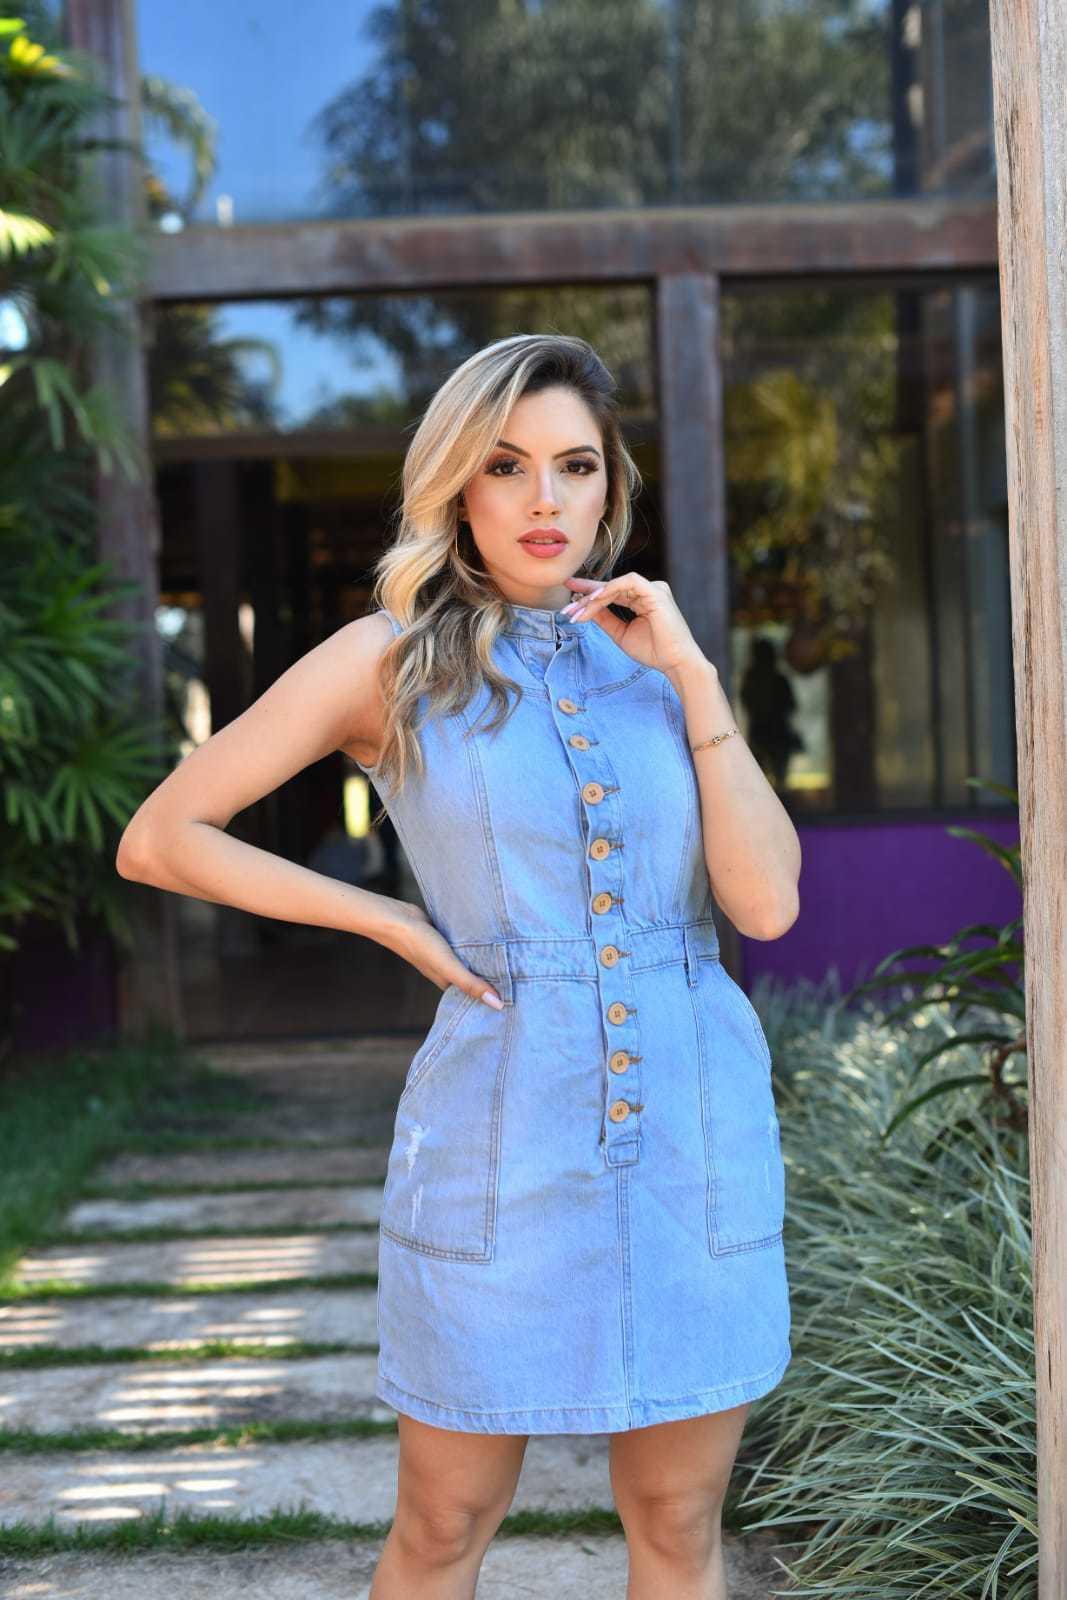 Vestido Jeans Claro Cavado com Bolsos Laterais Omni Vinci